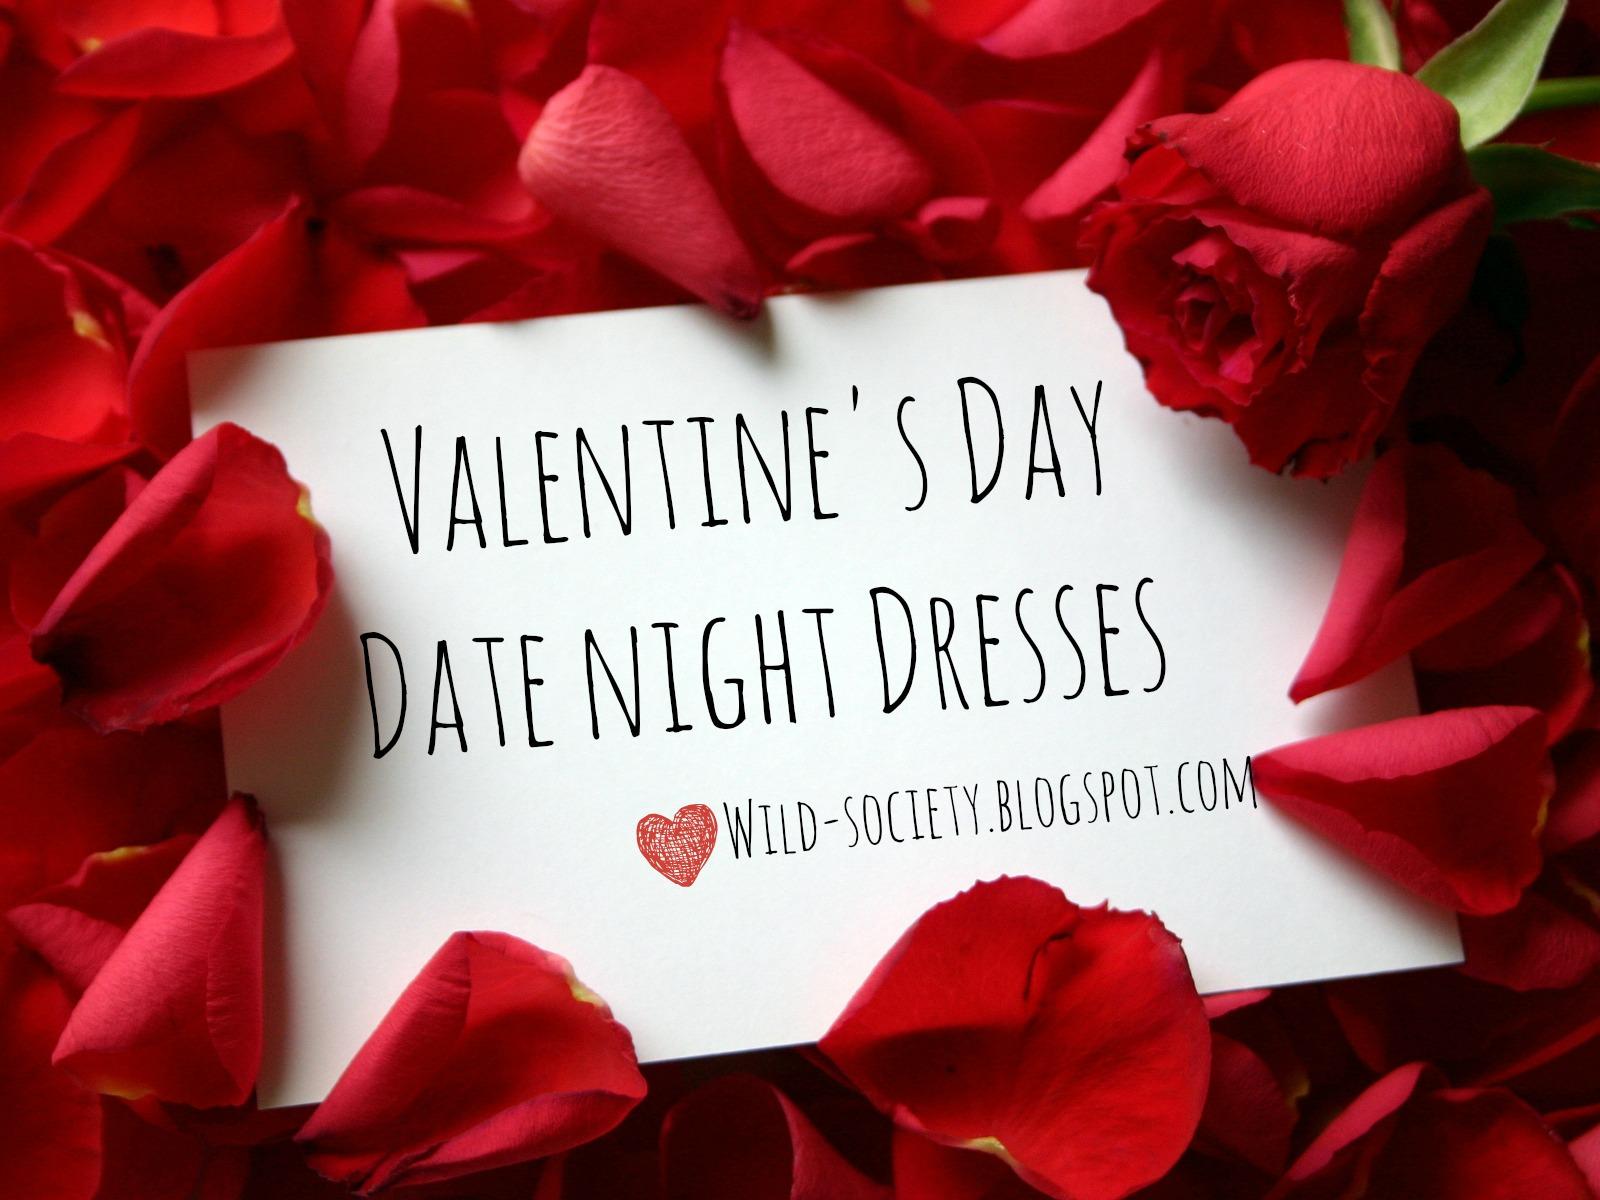 Valentines day dates